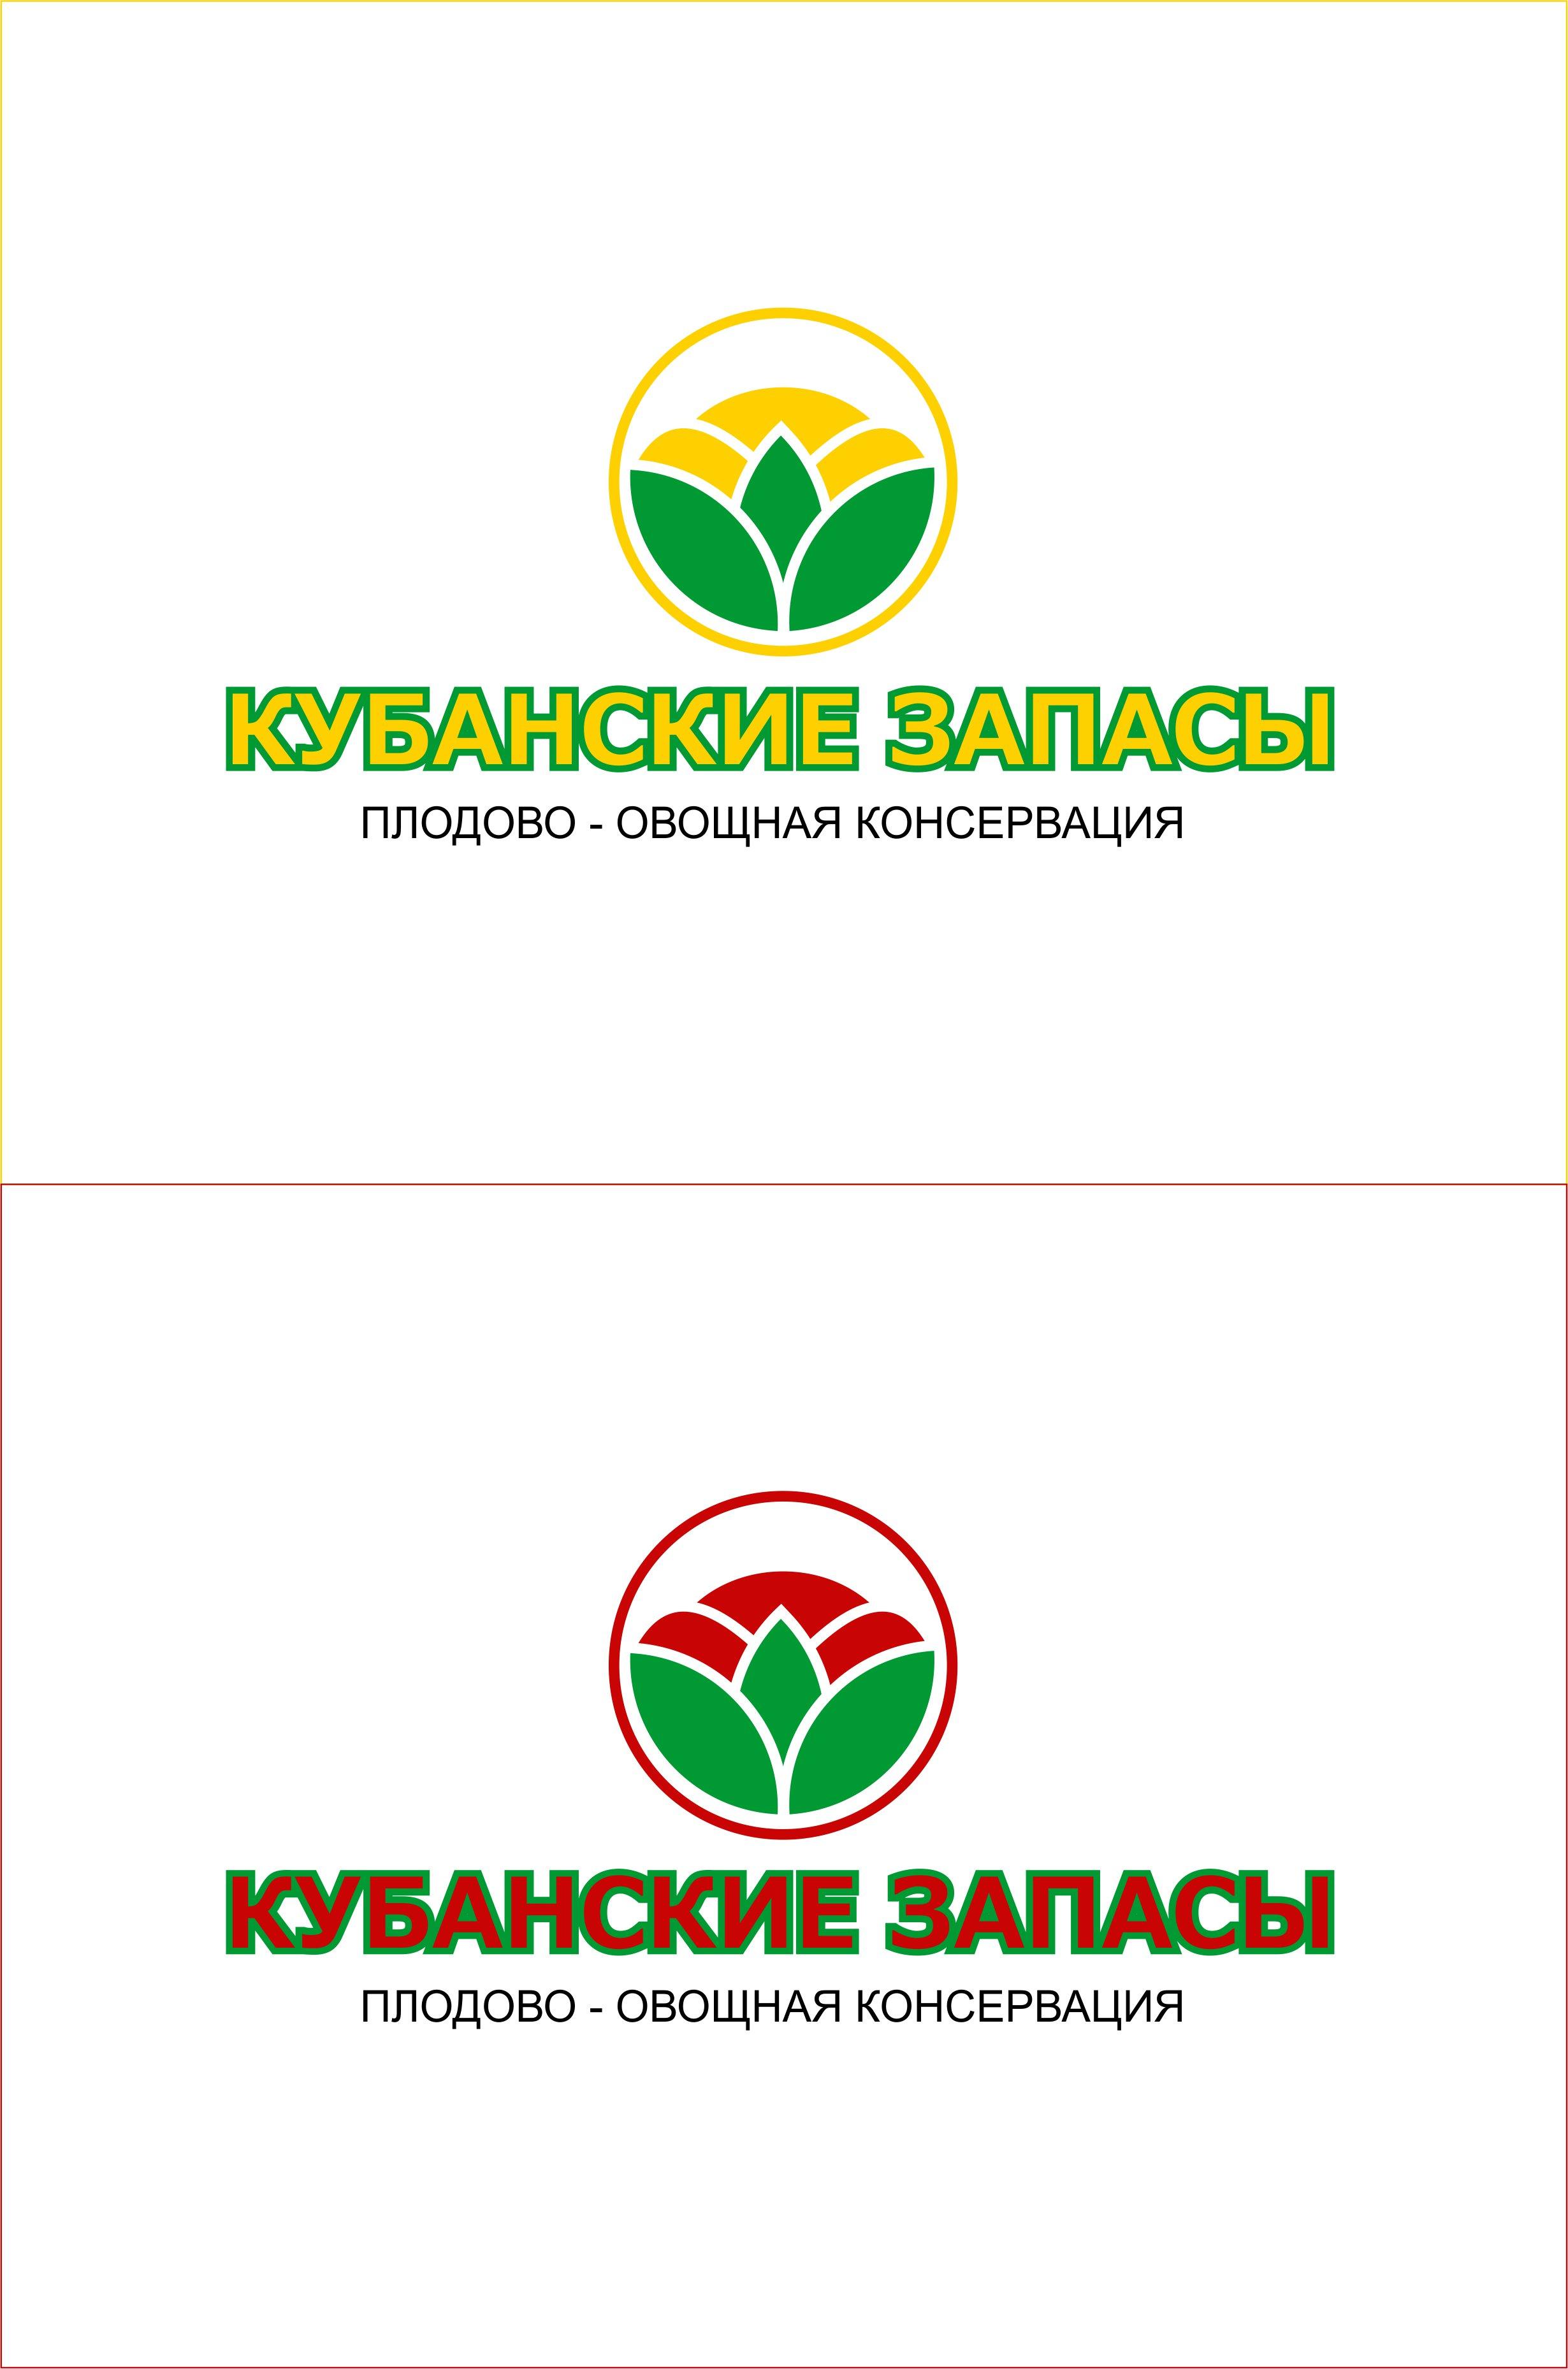 Логотип, фирменный стиль фото f_4065de69ac354dfa.jpg